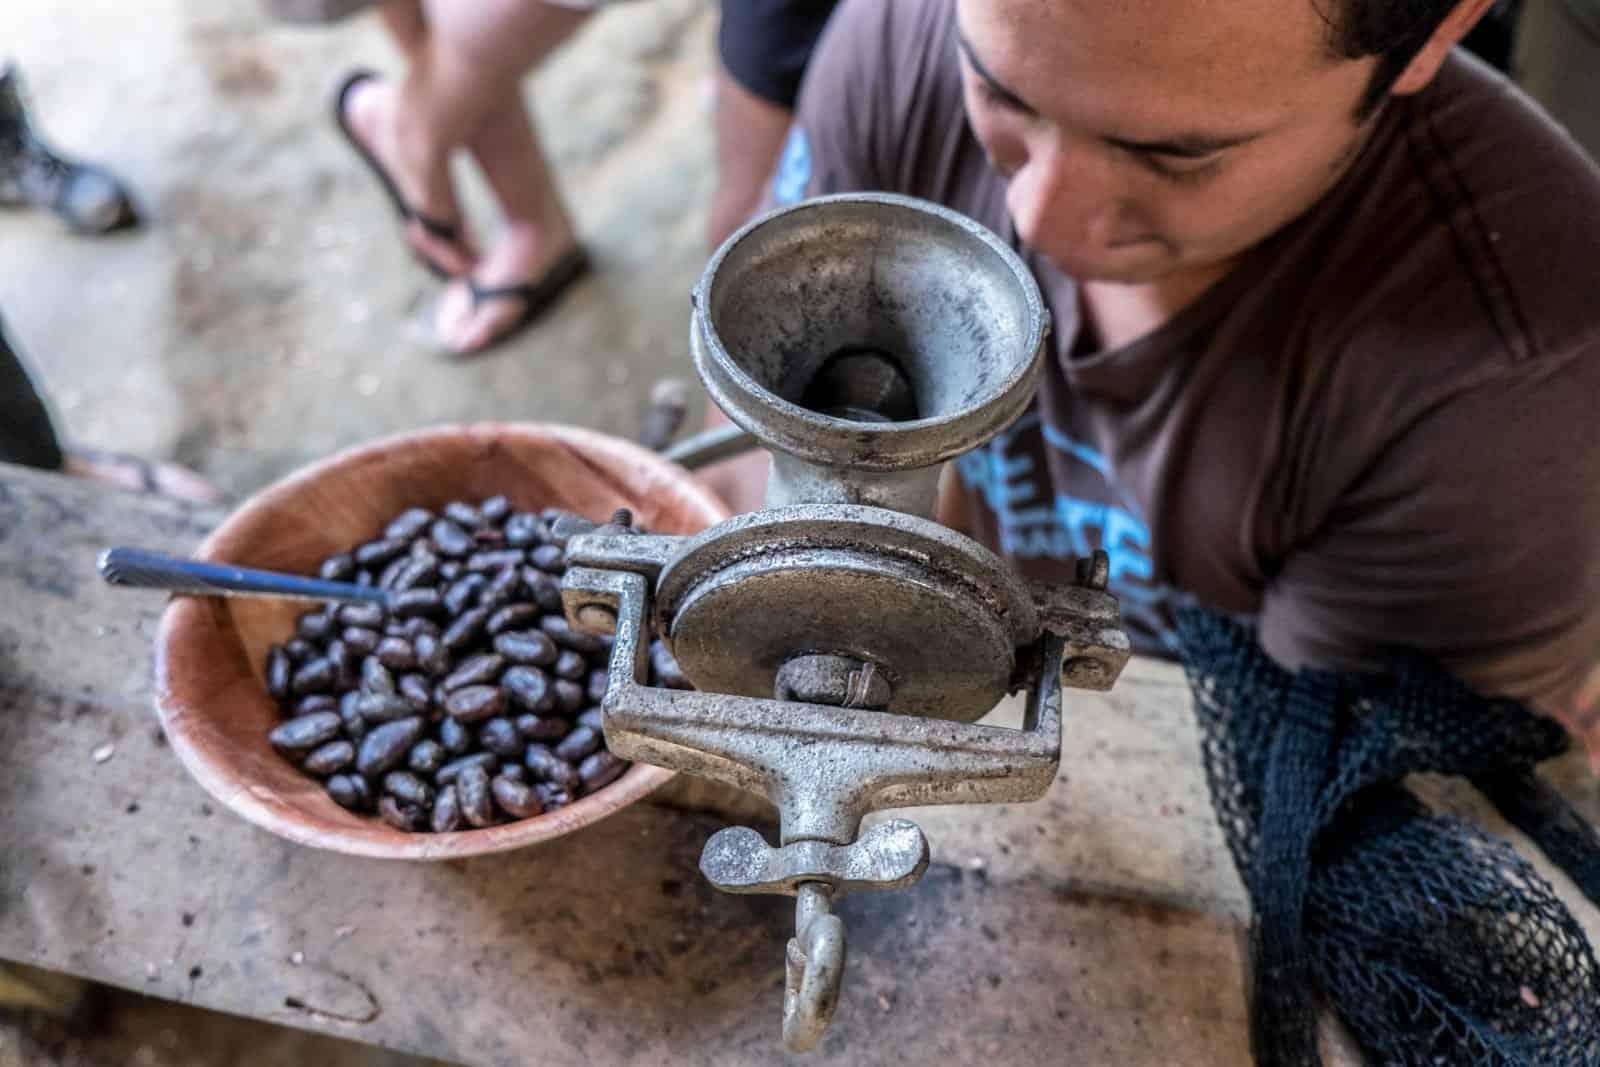 Hacer café en la Amazonía ecuatoriana [19659062] Hacer chocolate en la selva amazónica Ecuador